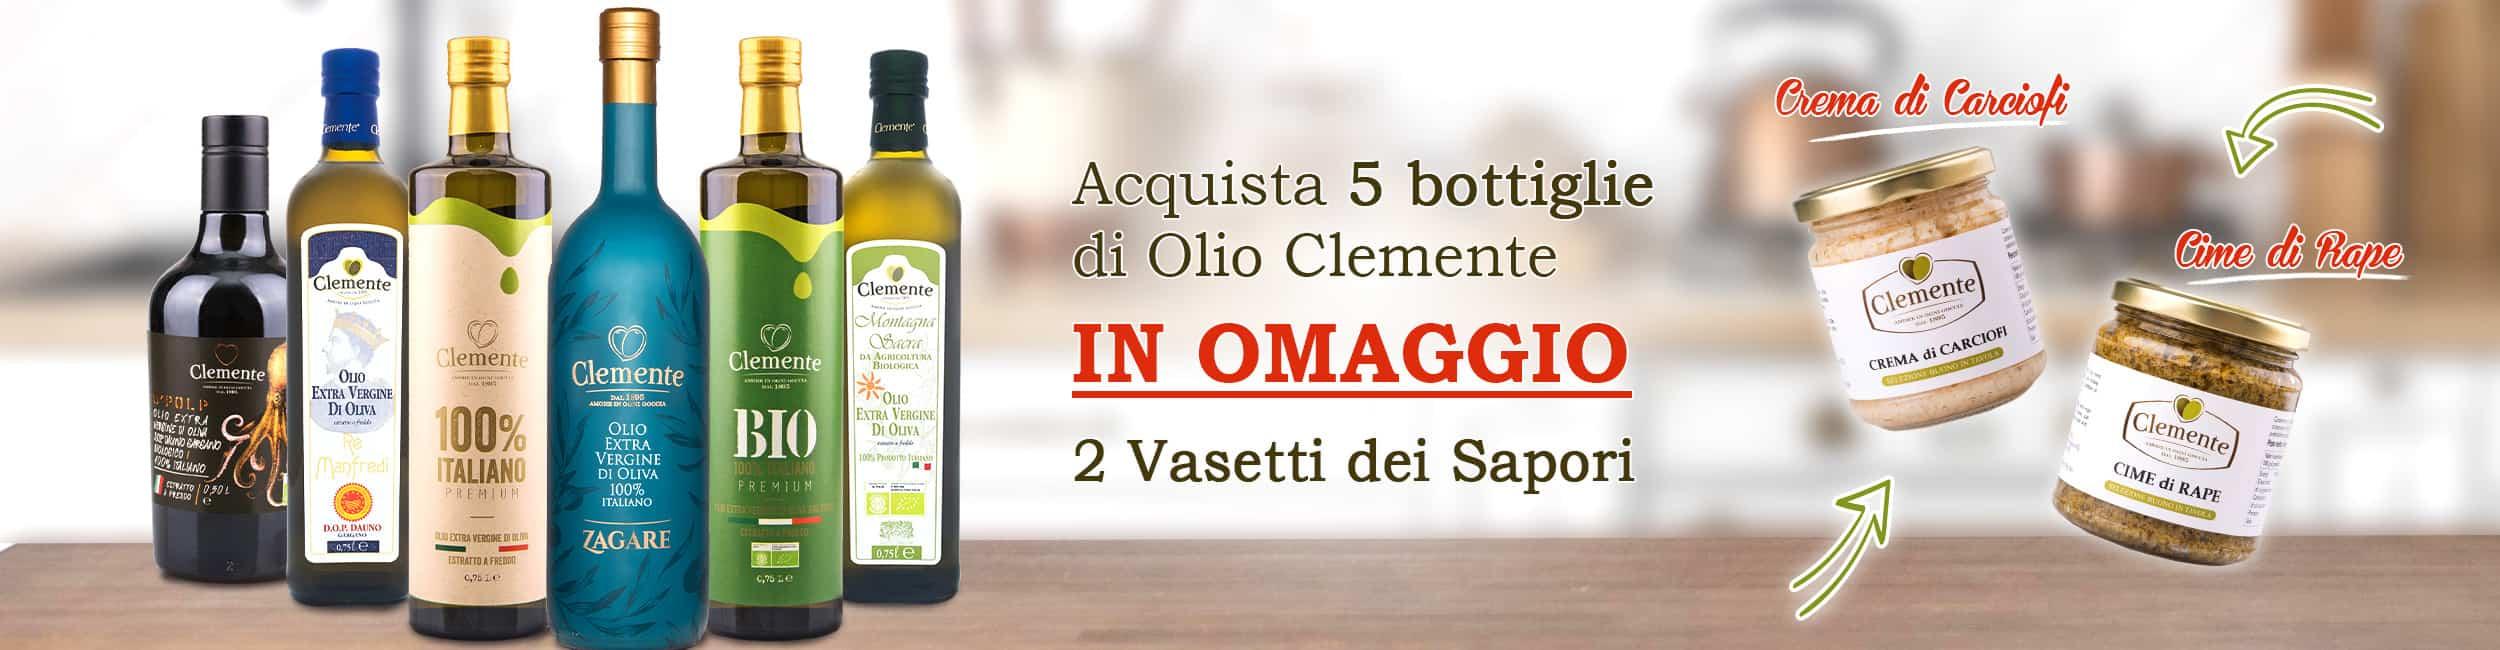 Slide Promo Vasetti - Olio Clemente